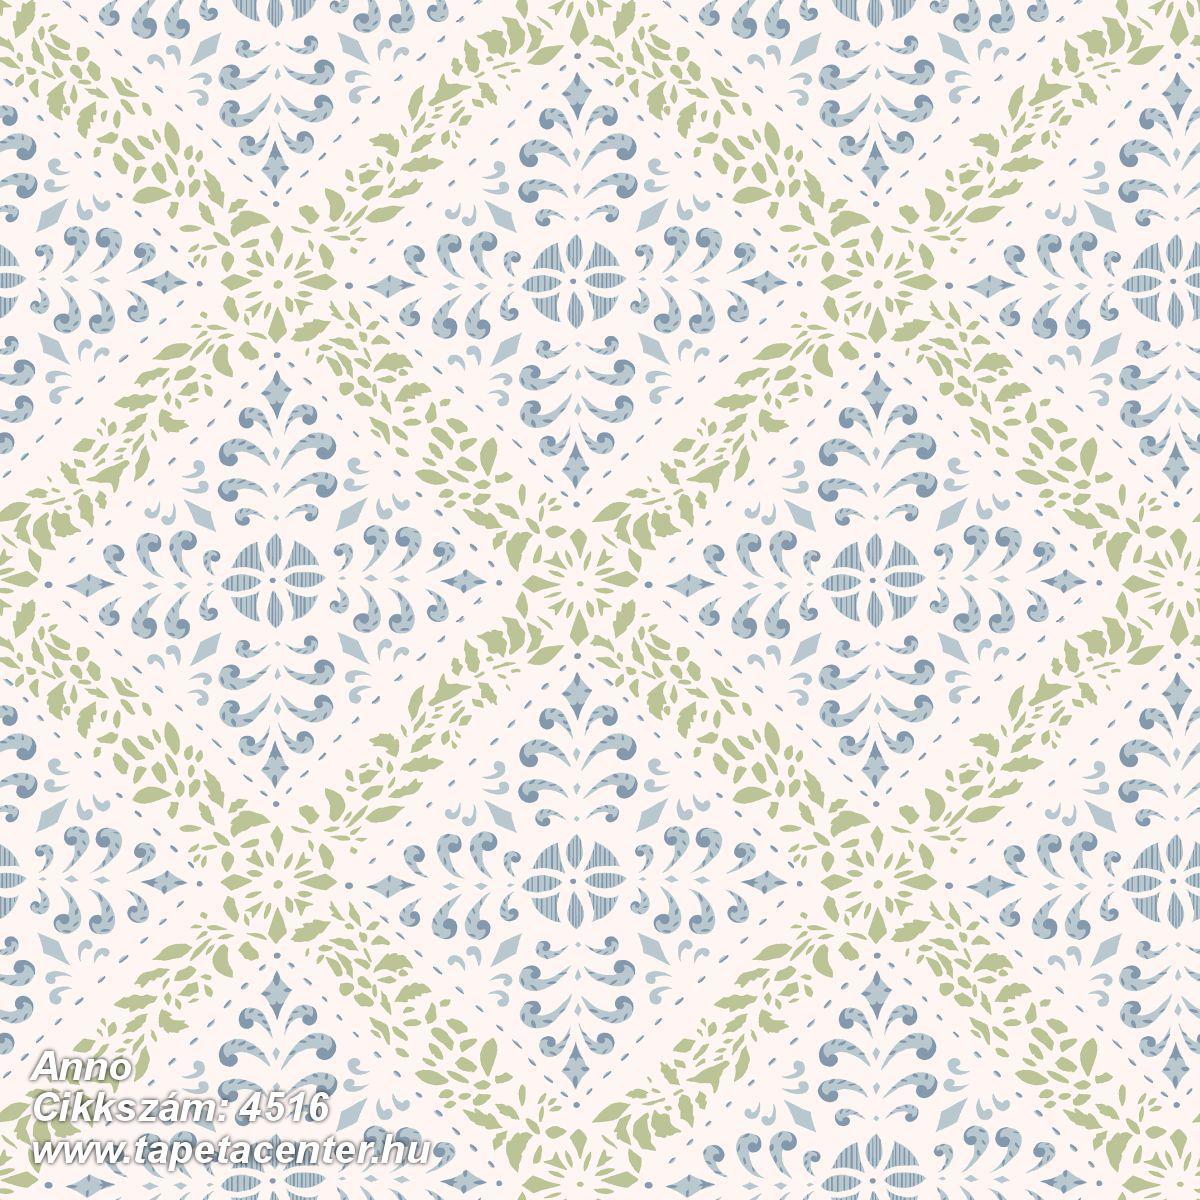 Barokk-klasszikus,különleges motívumos,rajzolt,fehér,kék,szürke,zöld,lemosható,vlies tapéta